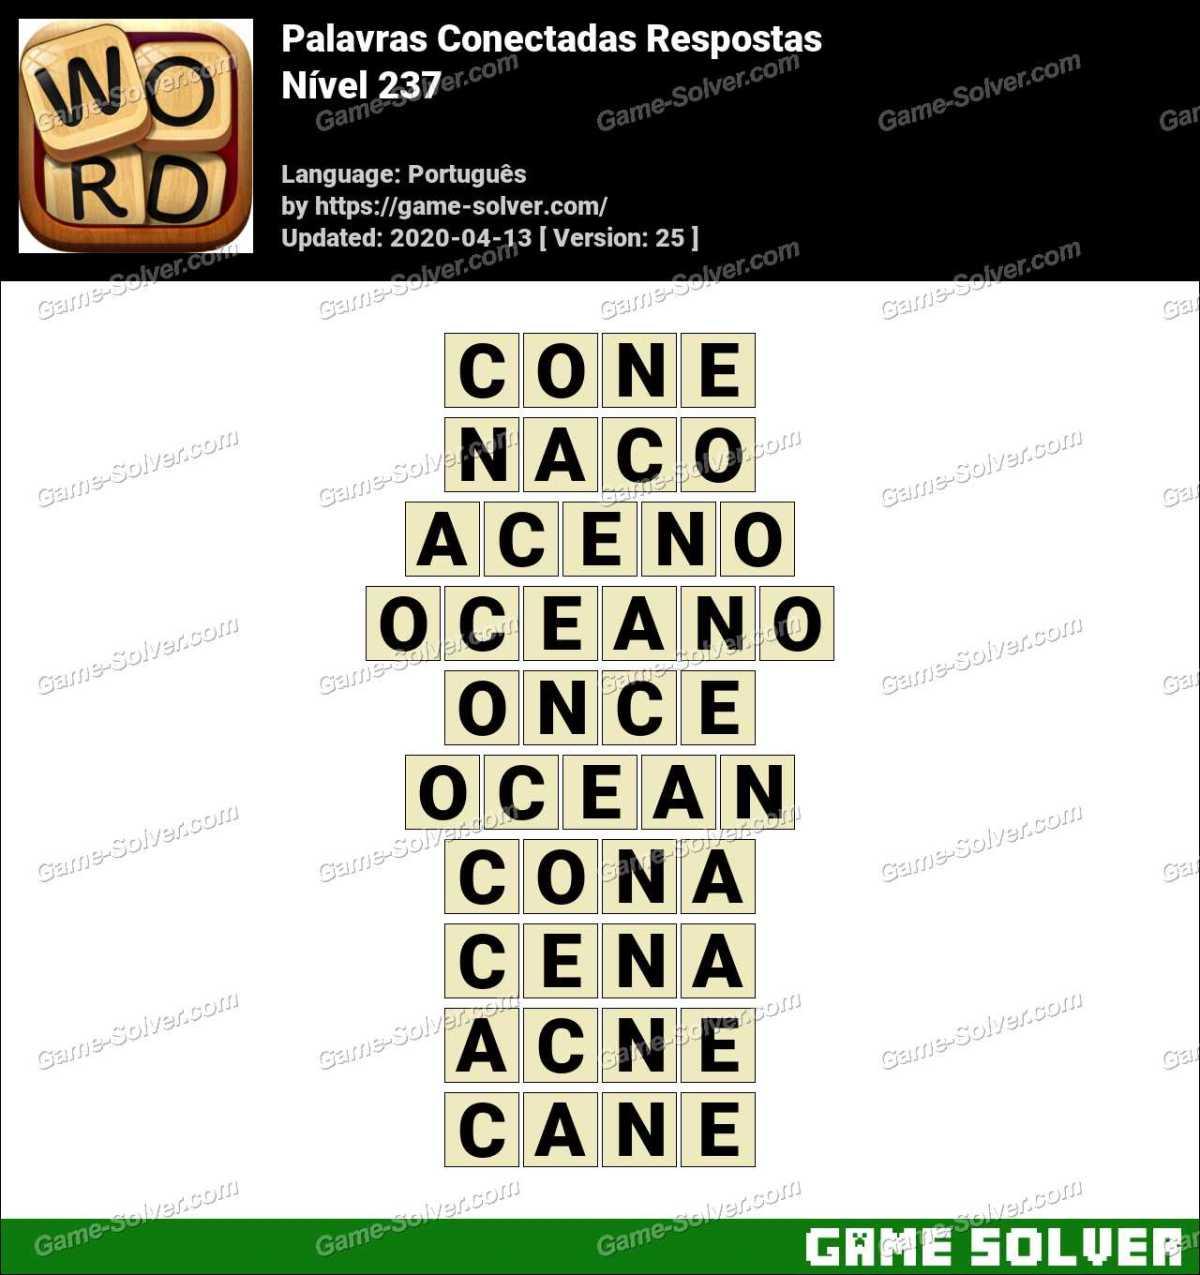 Palavras Conectadas Nivel 237 Respostas